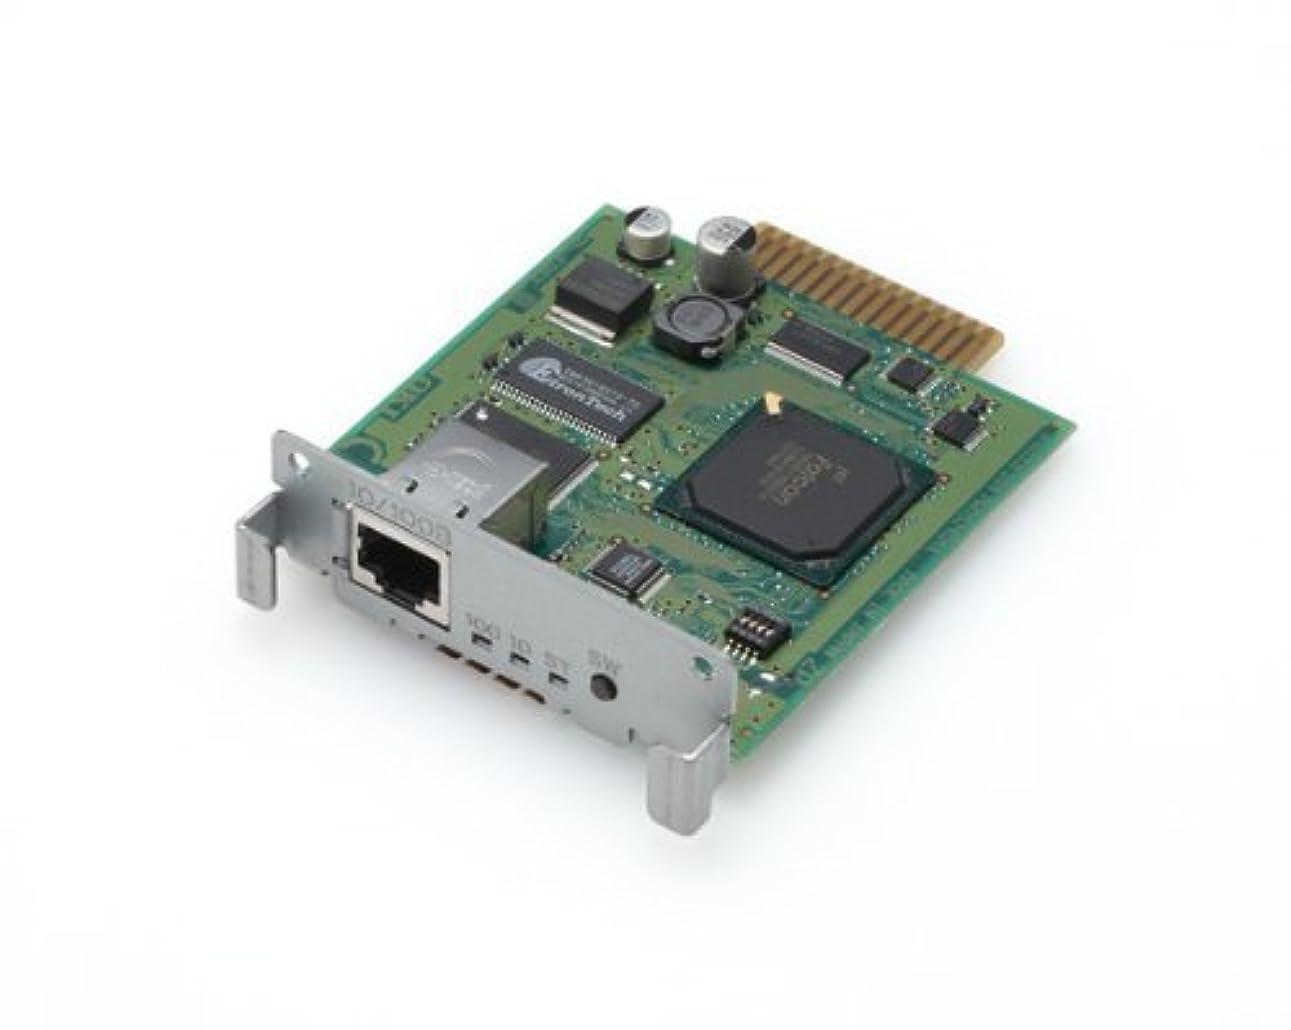 海上インレイ無秩序OKI ドットインパクト用ネットワークカード LAN7130E ML8720SE2/8480SU2-R/8480SU2/8460HU2/5460HU2に対応 LAN7130E